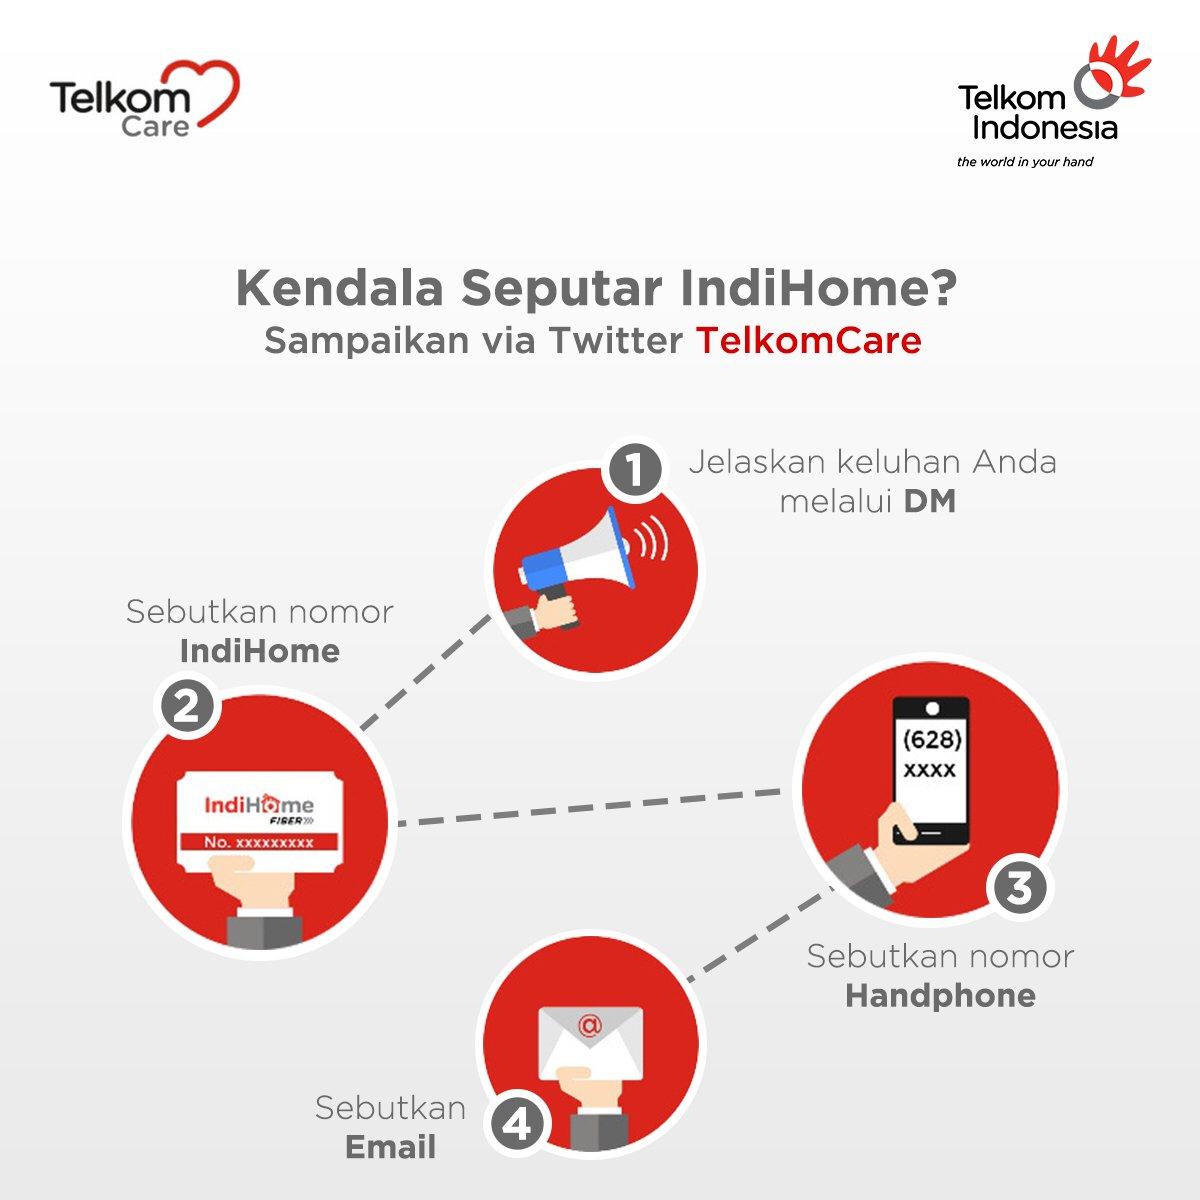 Telkom Indonesia On Twitter Bingung Cara Menyampaikan Keluhan Seputar Produk Indihome Kirimkan Pesan Sobat Via Direct Message Twitter Telkomcare Https T Co 9trgvanved Dengan Mengikuti Langkah Berikut Https T Co Er3ejkq7jk